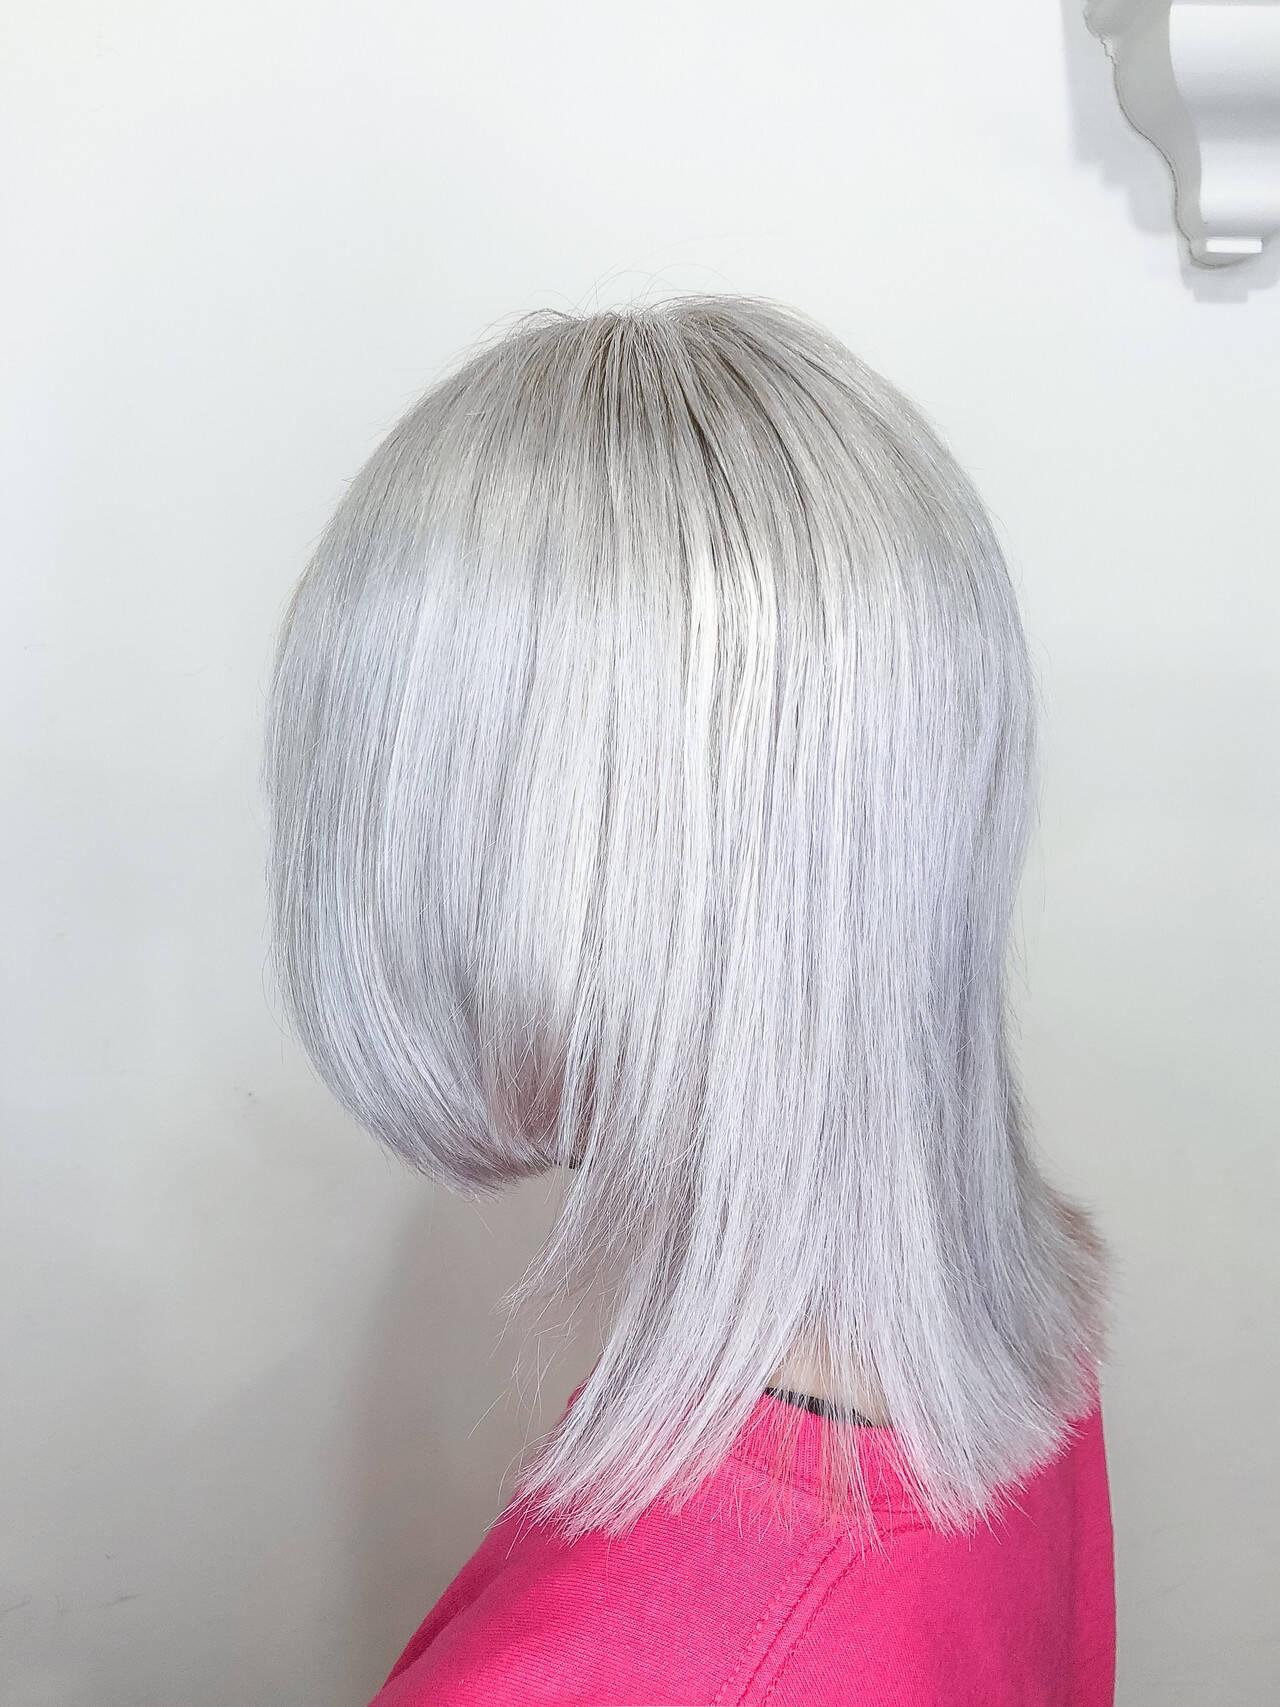 派手髪 ミディアム ハイトーンカラー ブリーチヘアスタイルや髪型の写真・画像